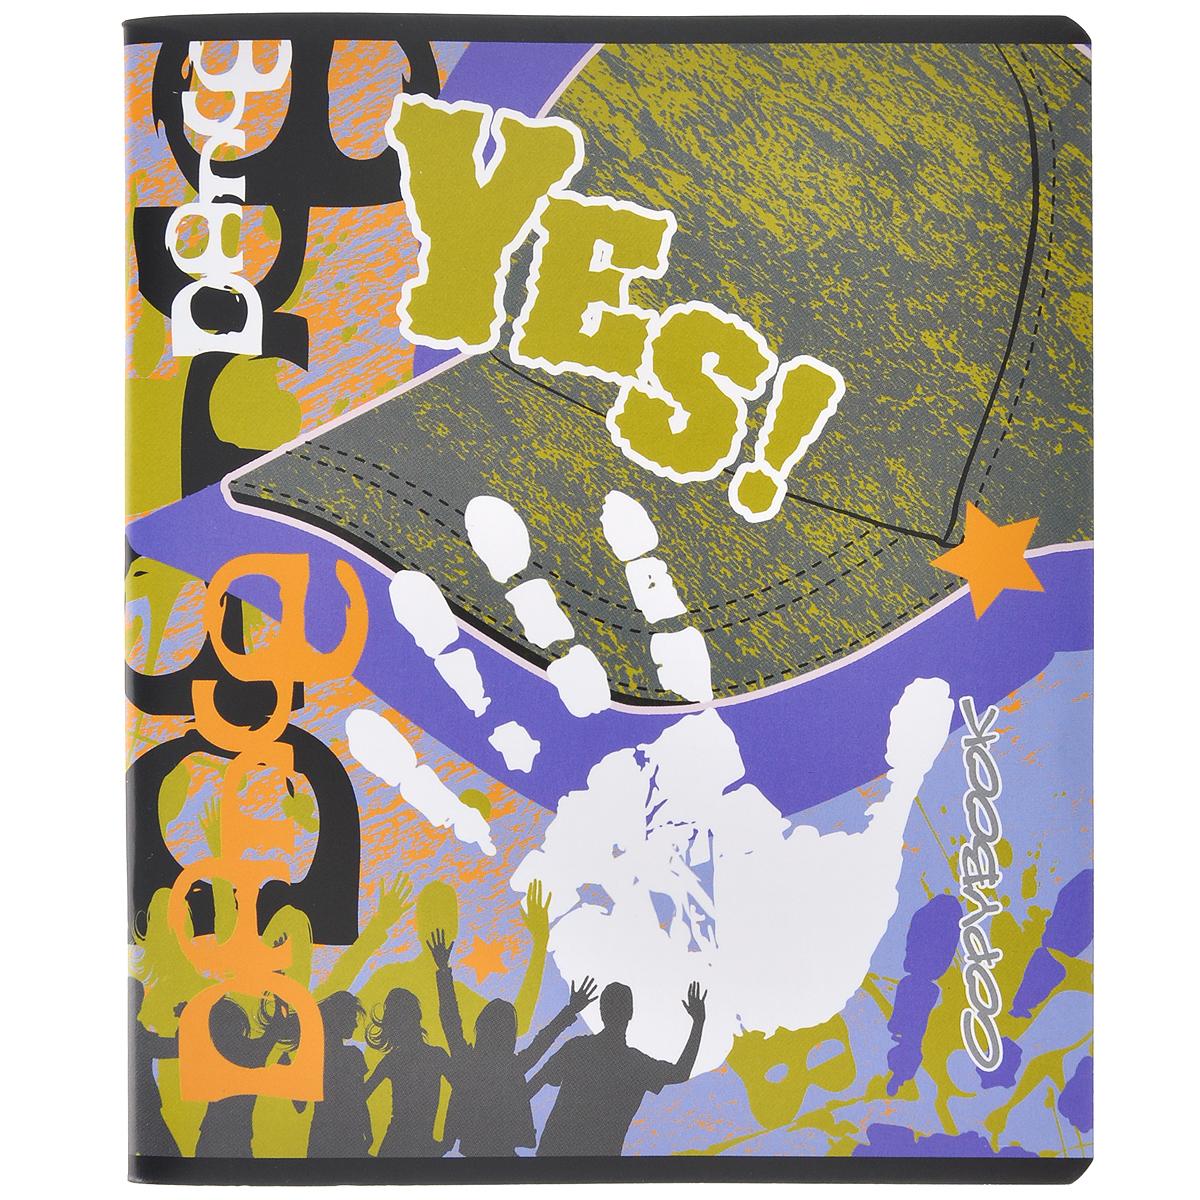 Тетрадь Yes. Бейсболки, 48 листов, формат А5, рисунок 337566_3Тетрадь в клетку Yes. Бейсболки с красочным изображением на обложке подойдет как студенту, так и школьнику. Обложка тетради с закругленными углами выполнена из плотной бумаги.Внутренний блок состоит из 48 листов белой бумаги. Стандартная линовка в клетку дополнена полями, совпадающими с лицевой и оборотной стороны листа.